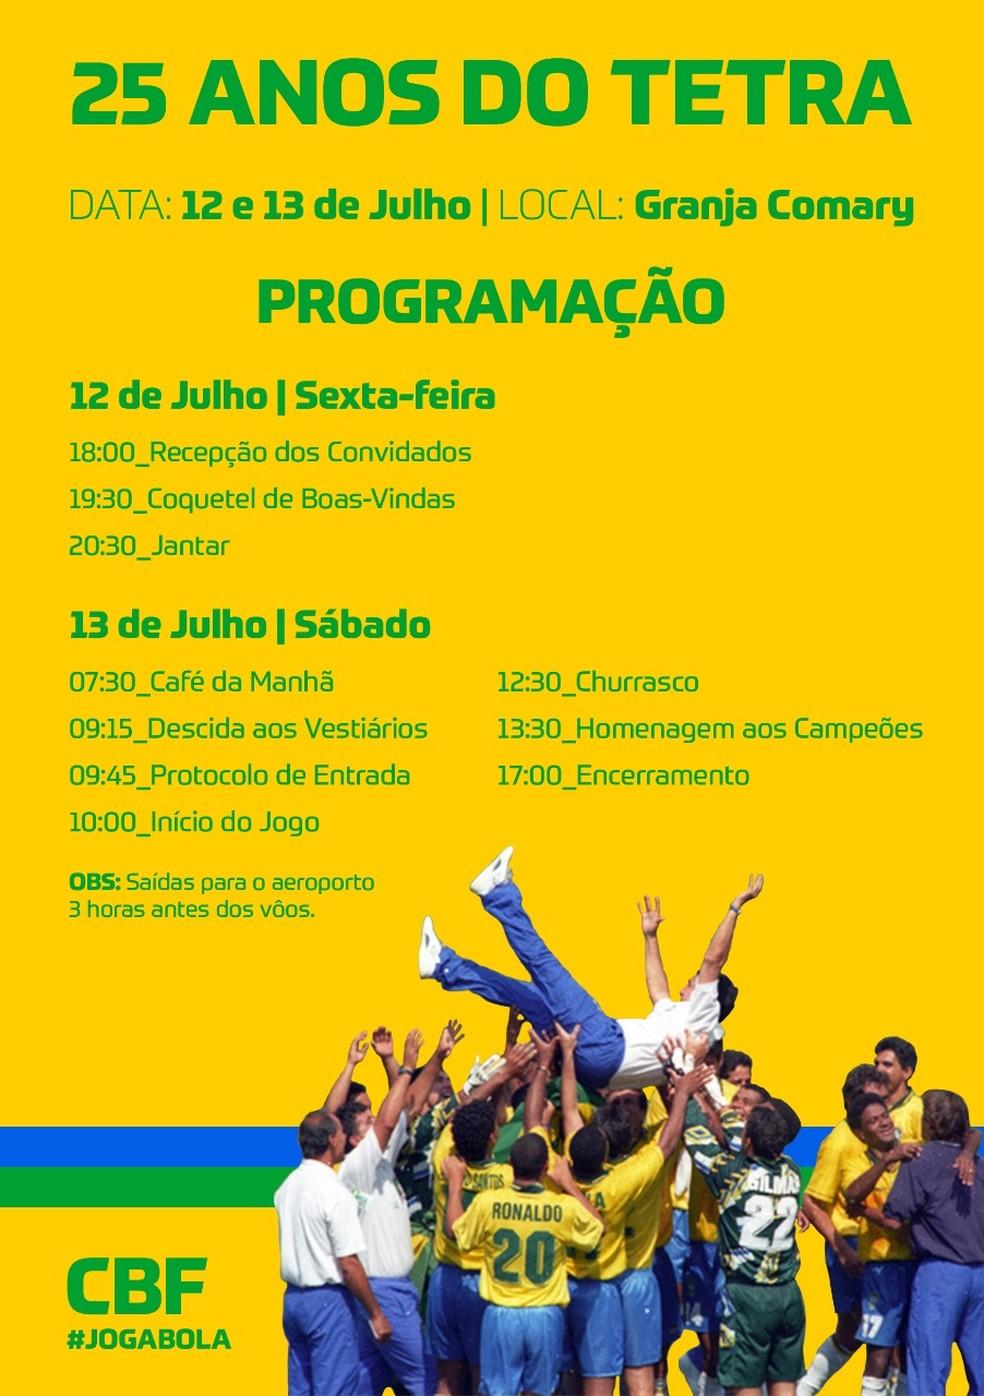 Panfleto de divulgação do evento da CBF — Foto: Divulgação